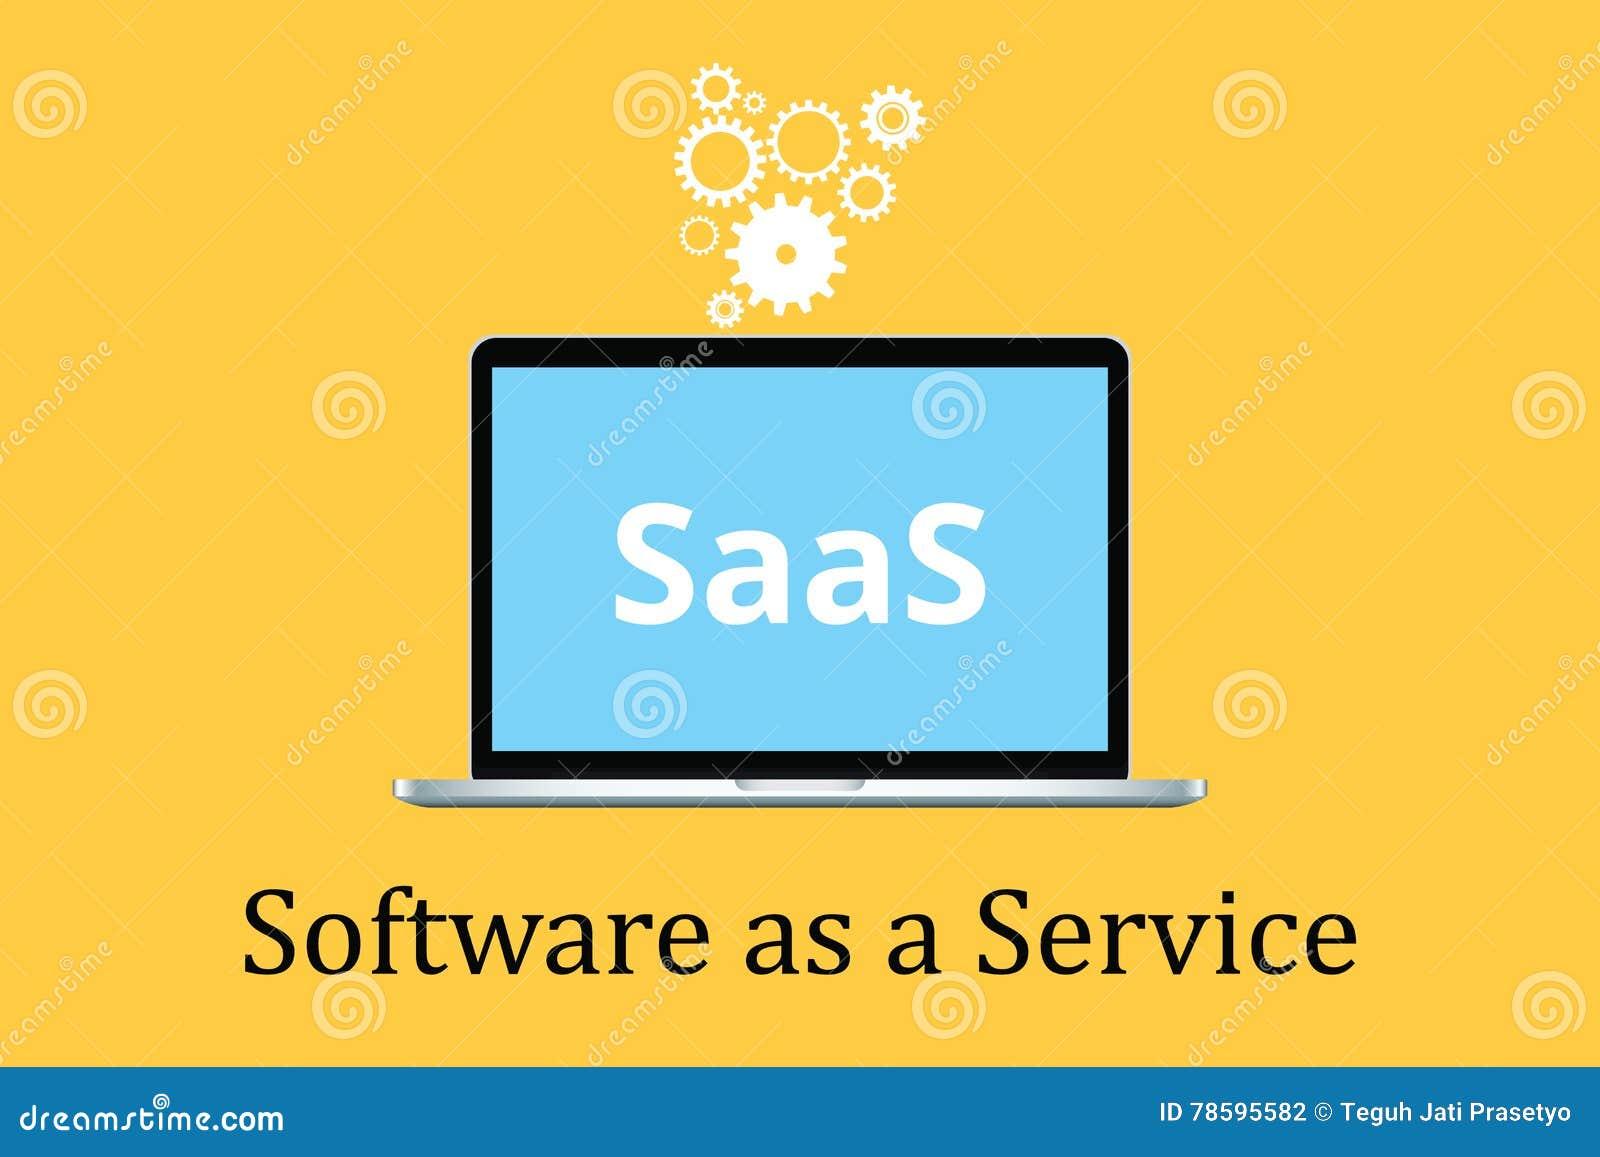 Saas-Software als Servicekonzept mit Laptop und Plakat simsen Gangikone